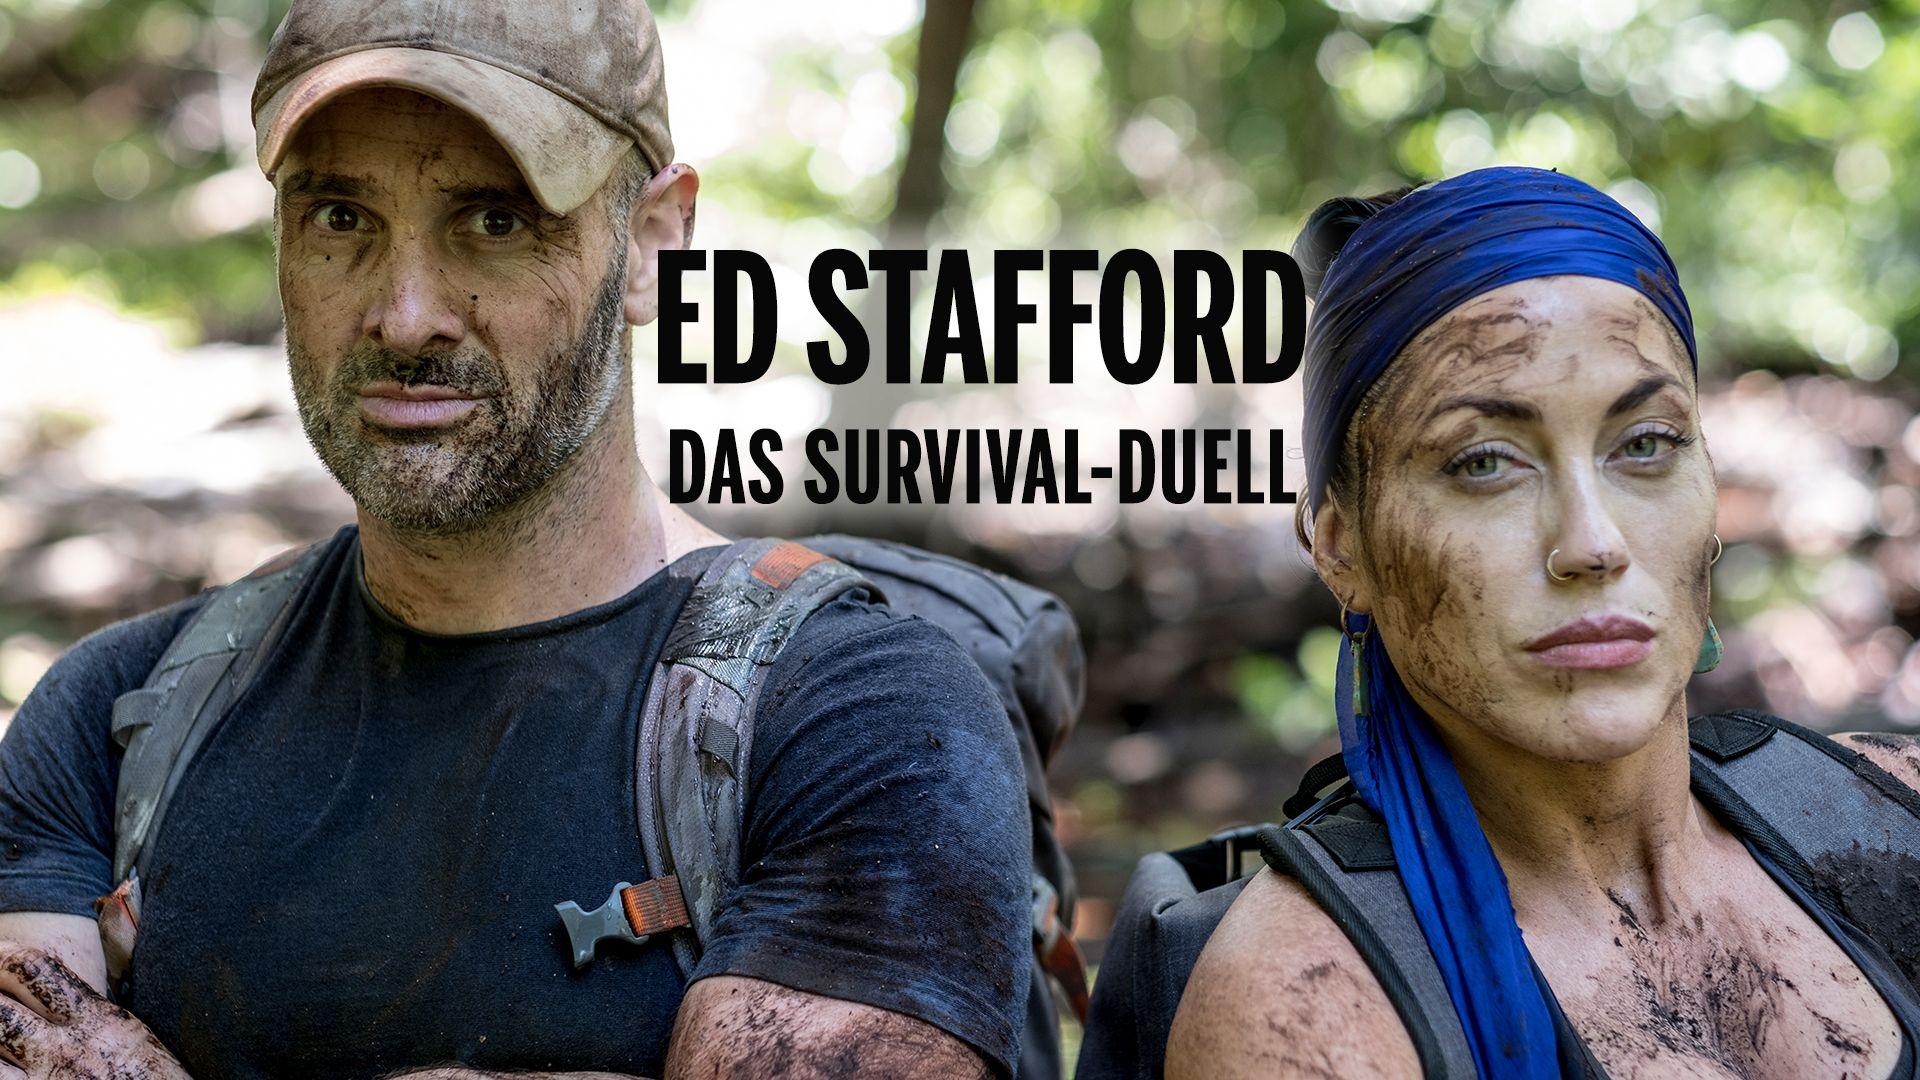 Ed Stafford Das Survival Duell